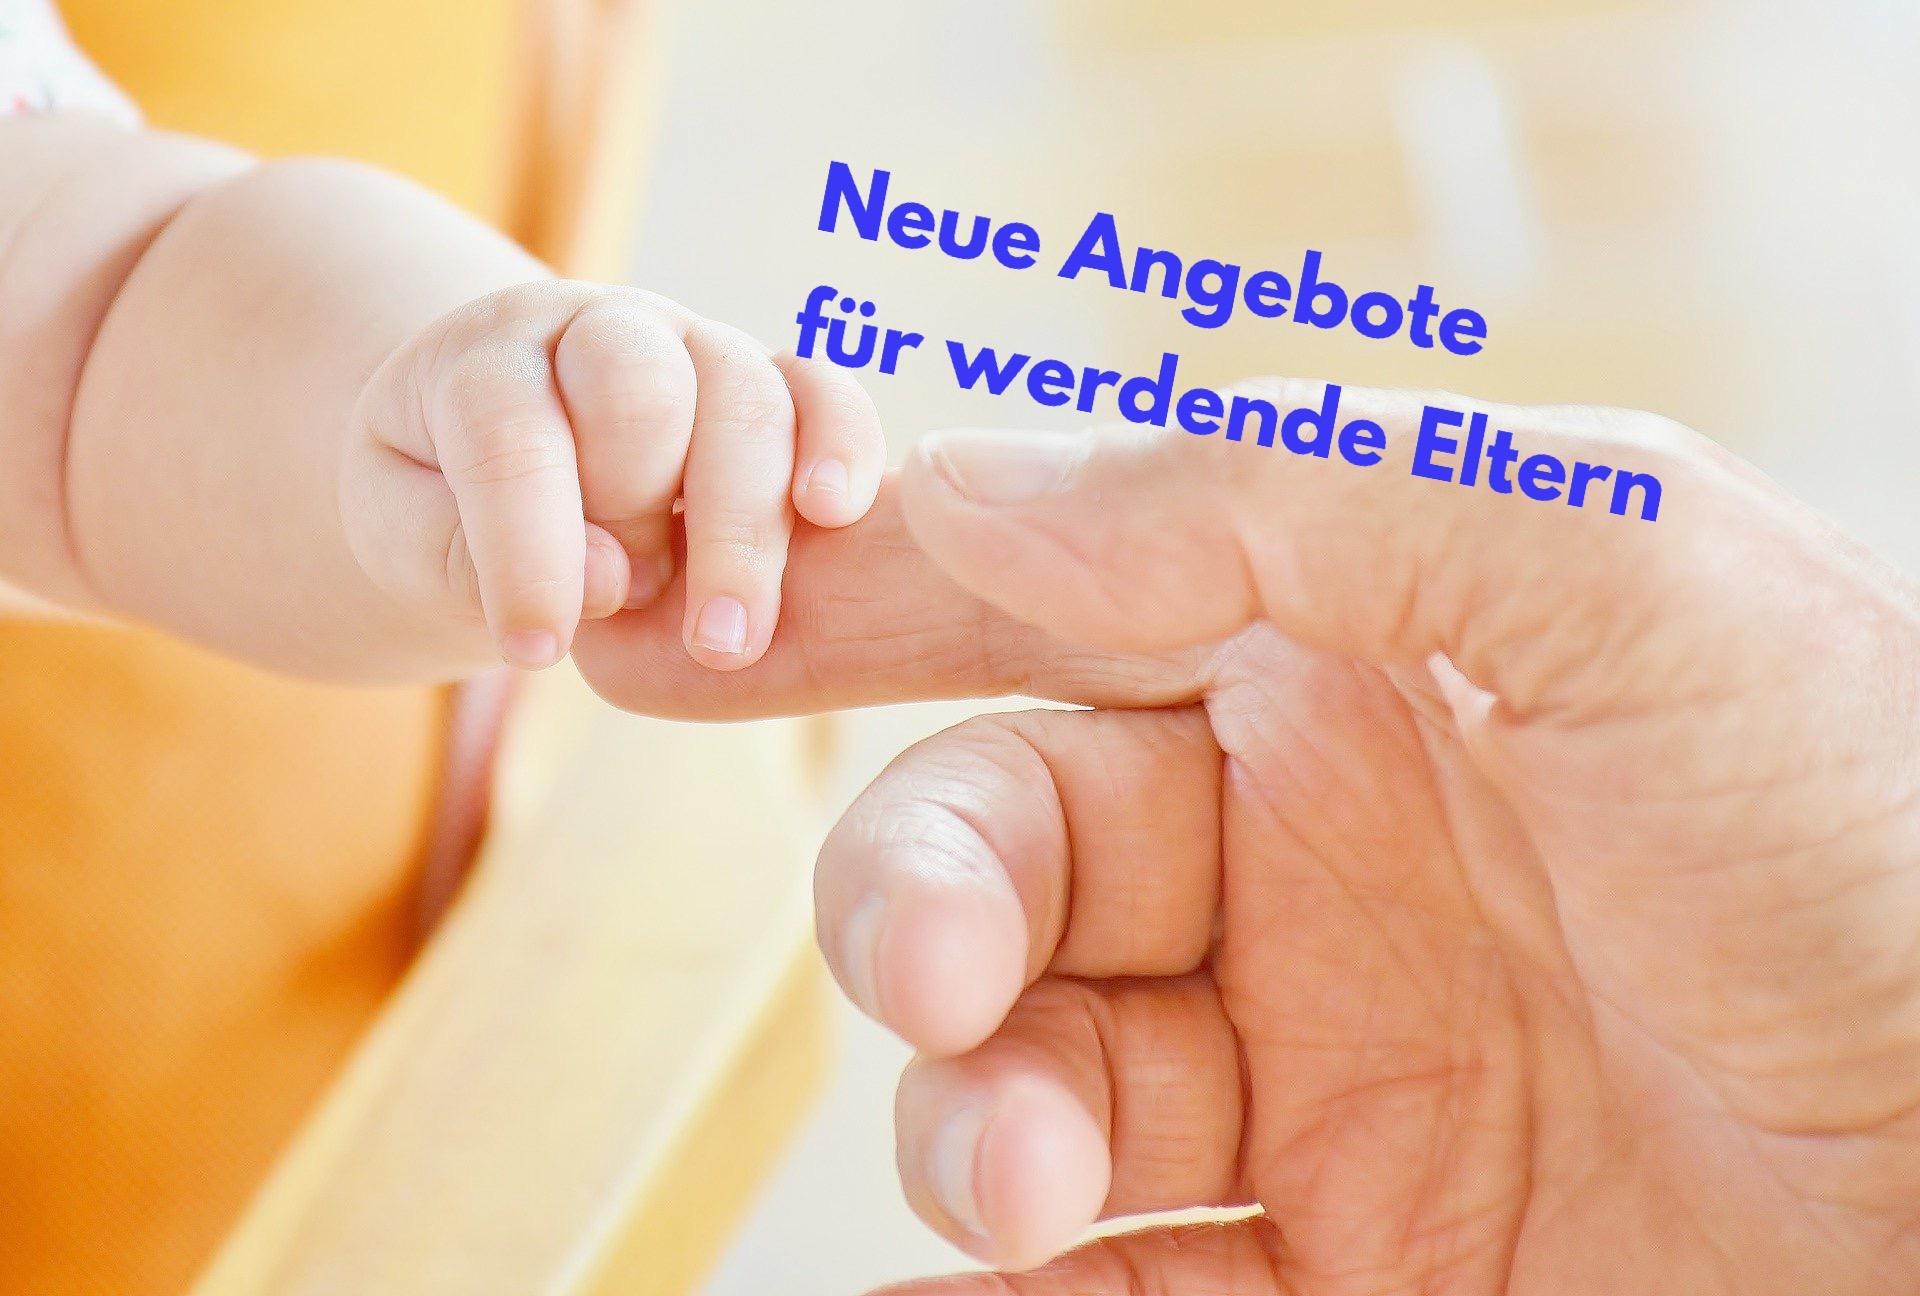 Neue Angebote für werdende Eltern